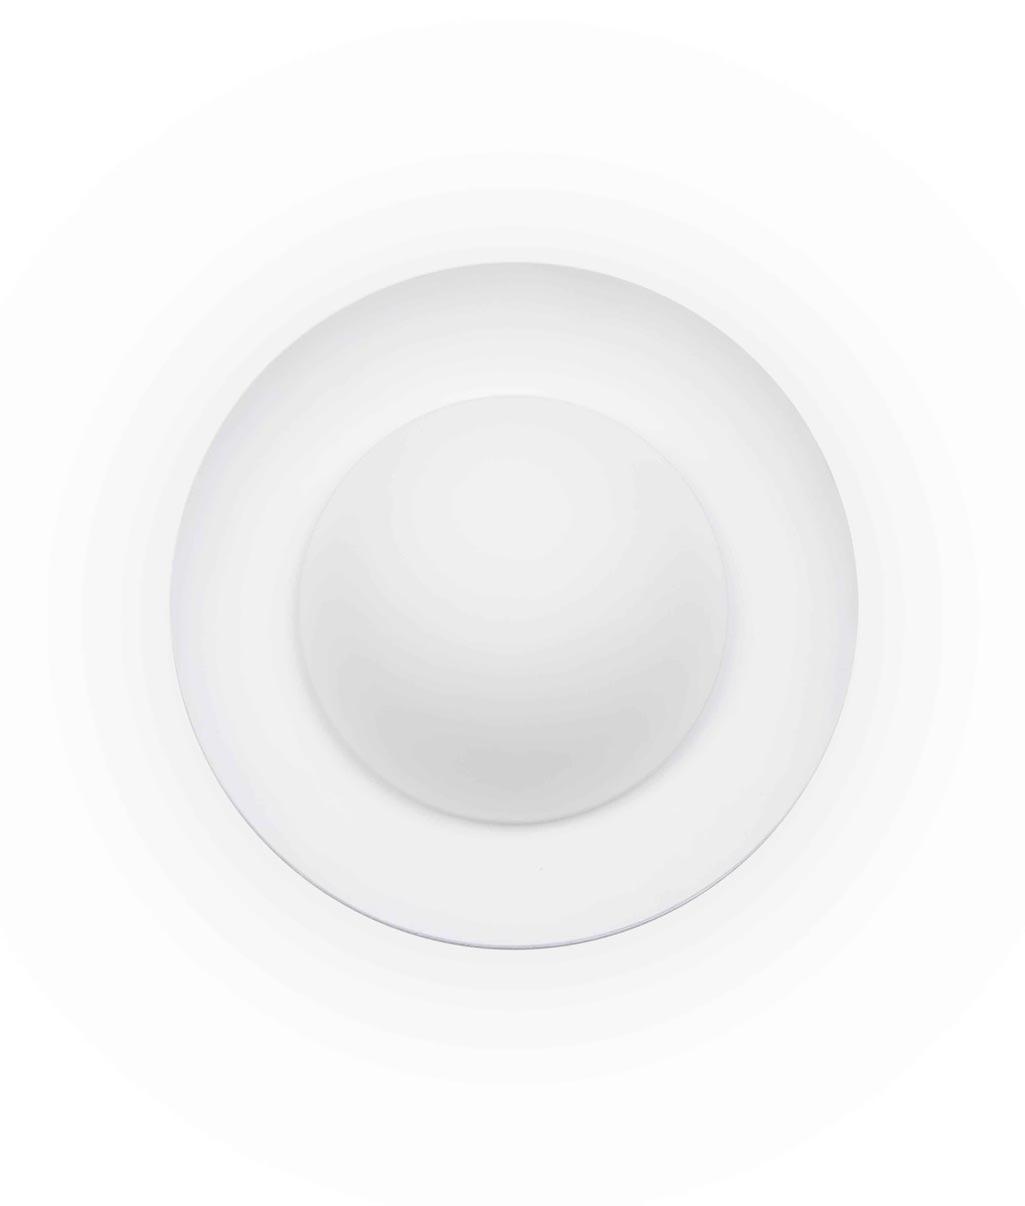 Plafón pequeño blanco SIDE LED detalle